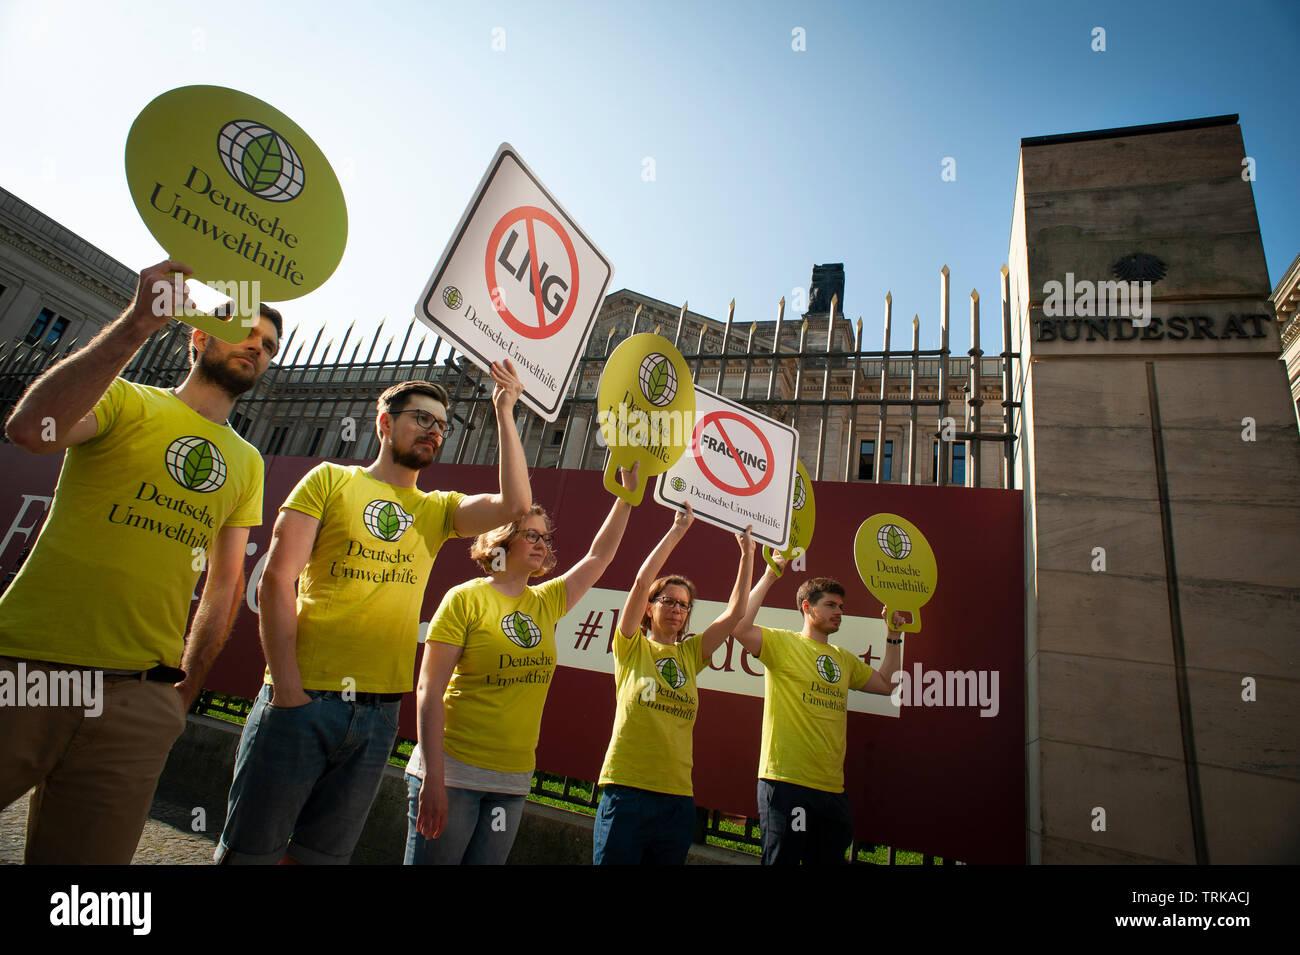 Dimostranti fuori il Bundesrat tedesco a Berlino. Contro l'IMPORTAZIONE NEGLI STATI UNITI D' AMERICA Fracked Gas in Germania. Foto Stock